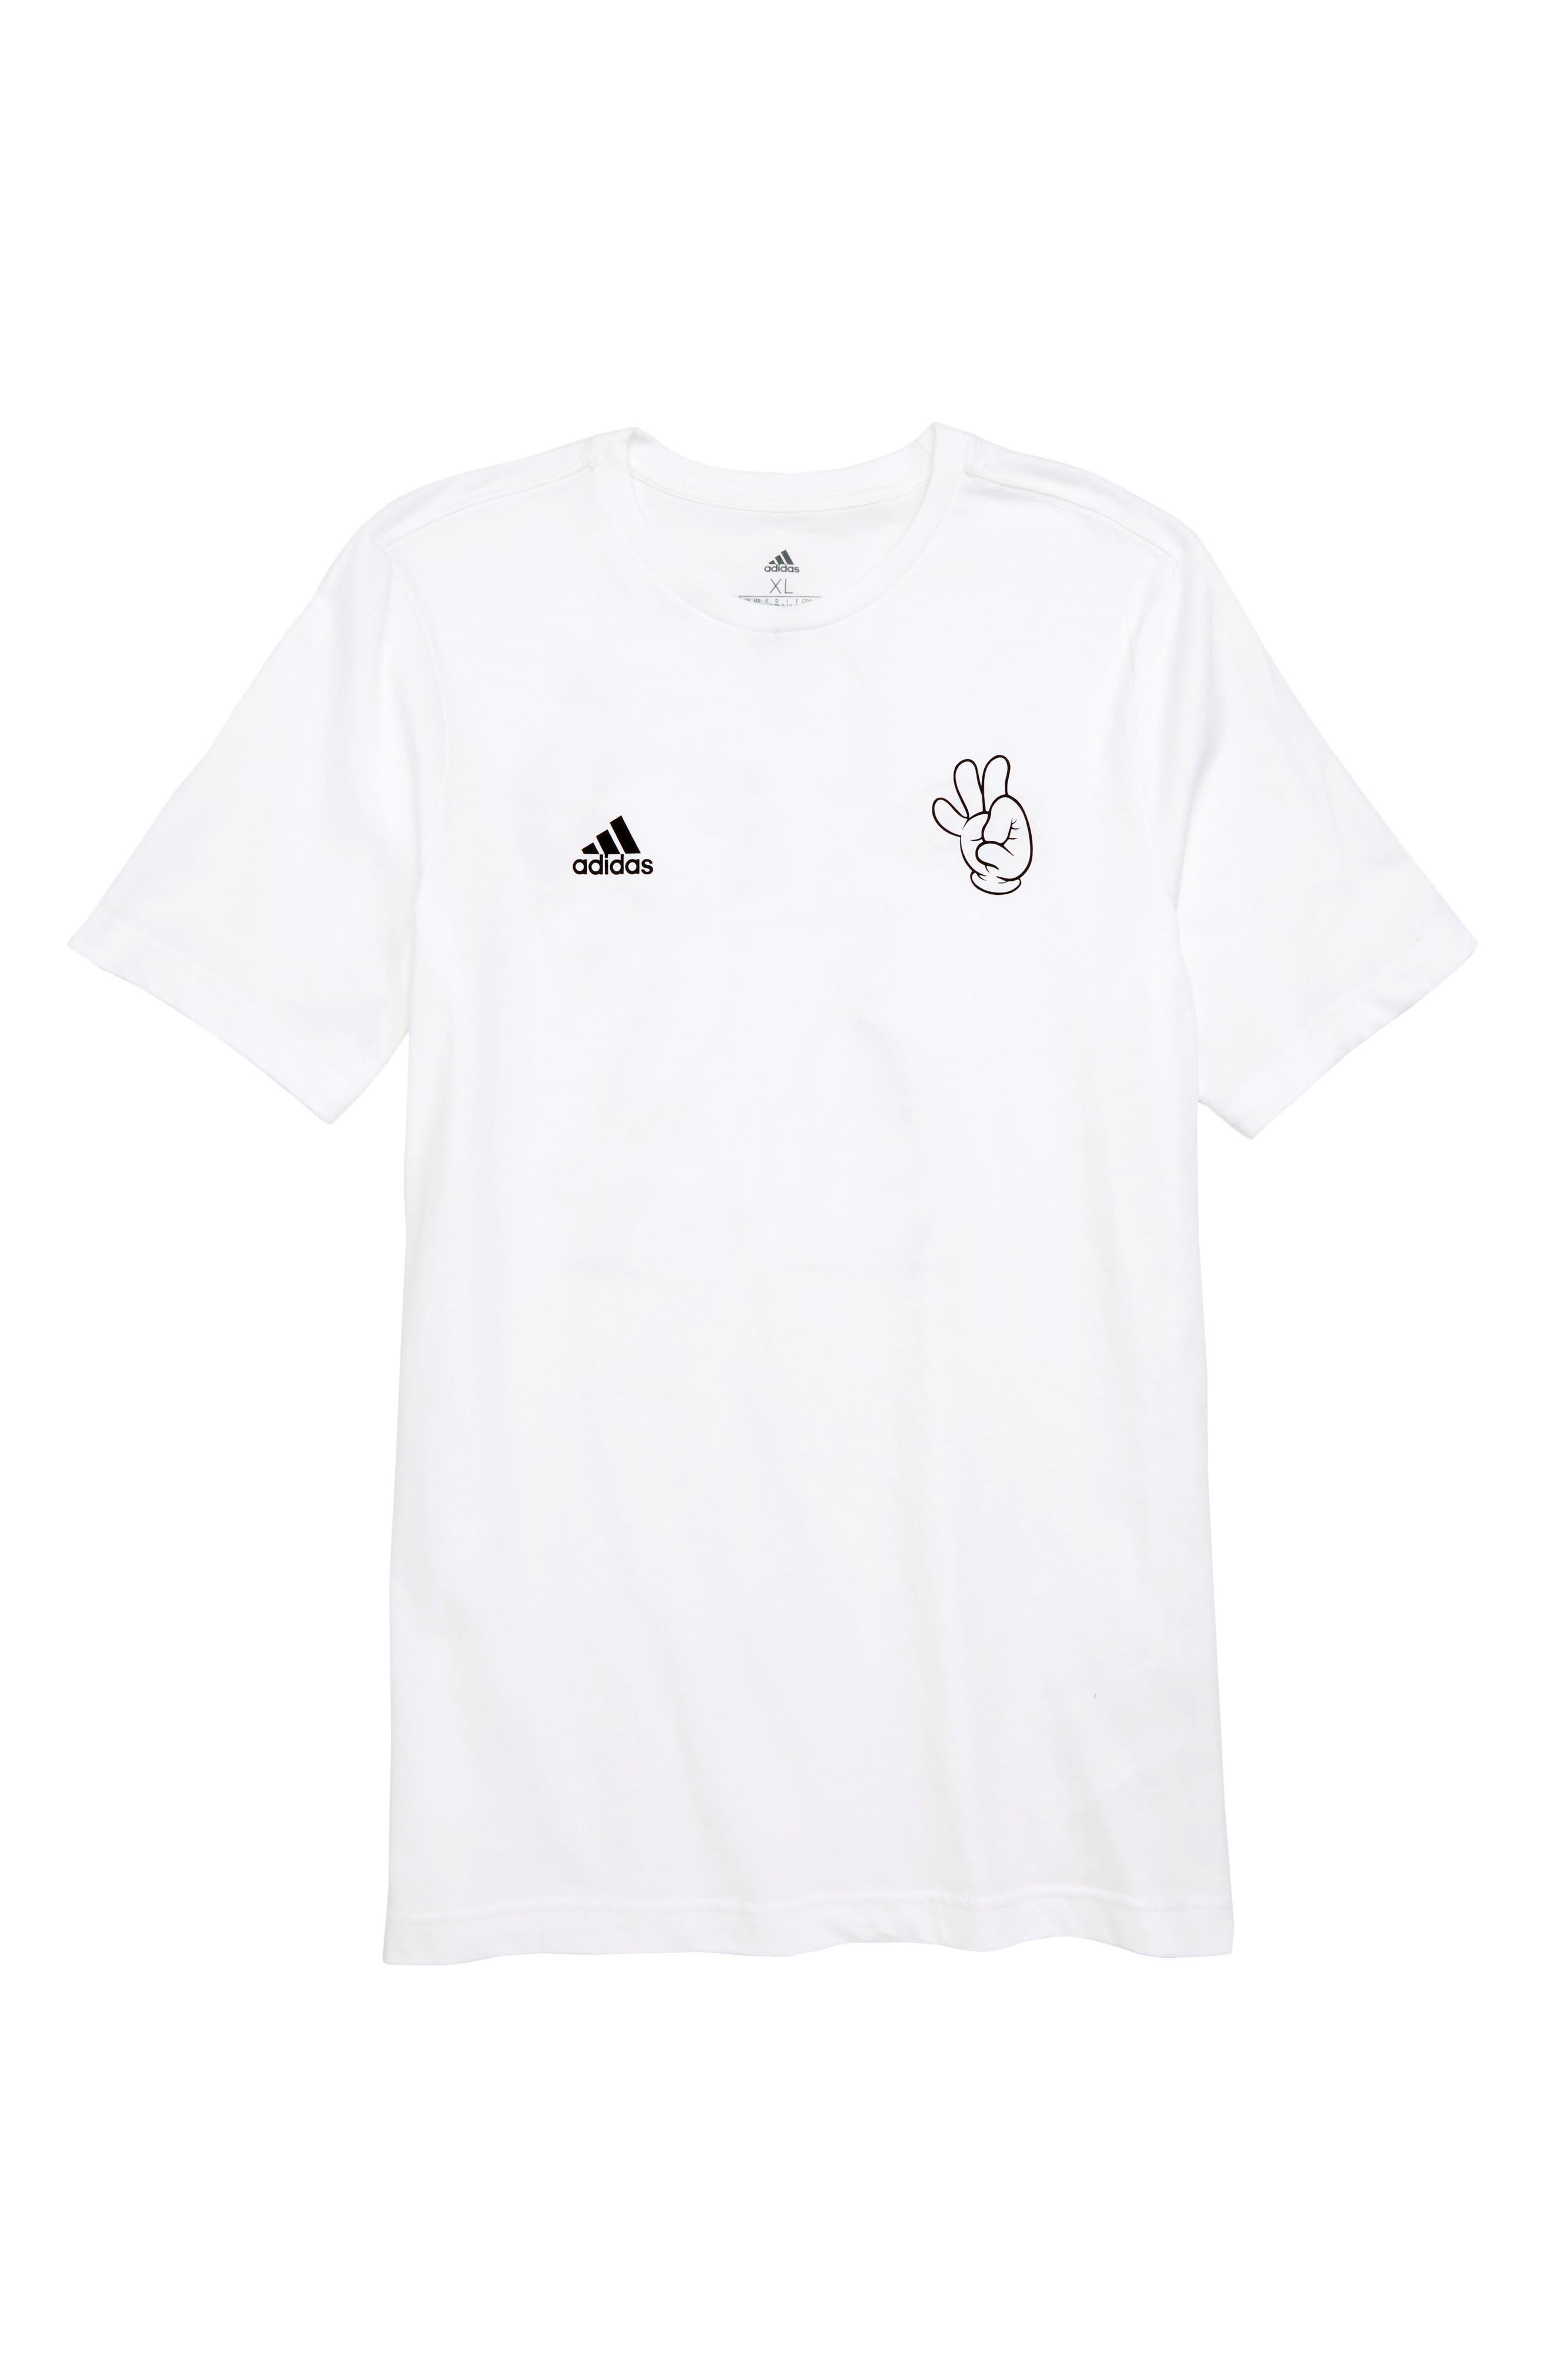 2018 FIFA World Cup Mascot T-Shirt,                         Main,                         color, 100